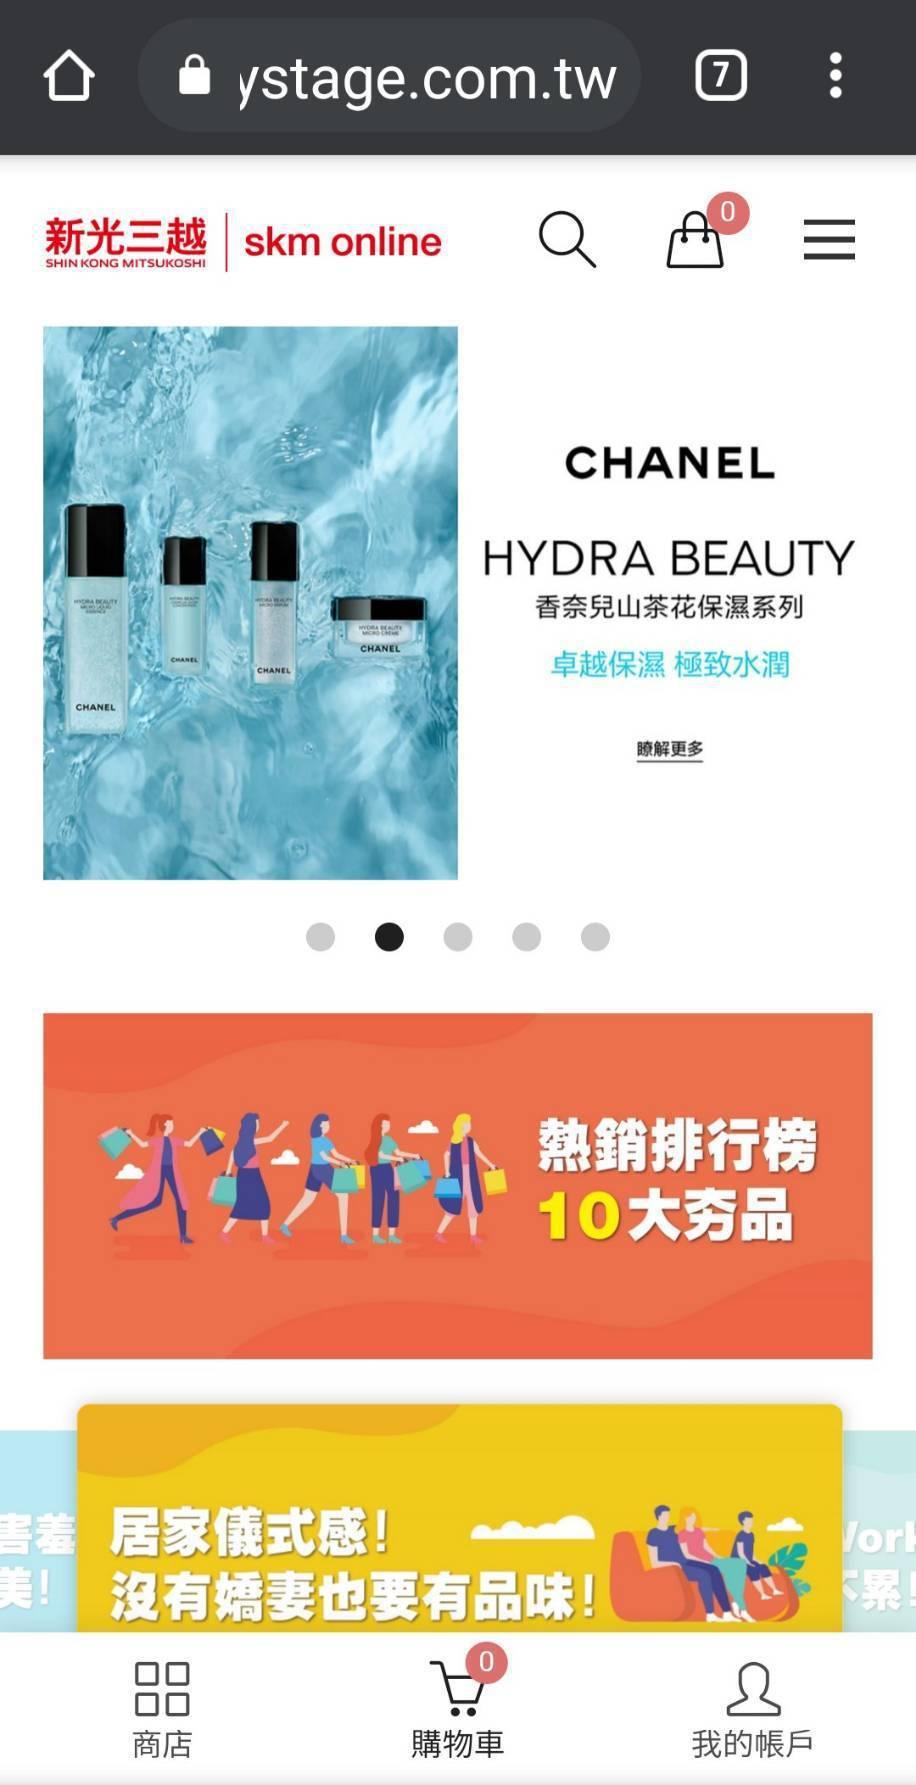 新光三越今(1)日宣布,首度推出電商平台「skm online」,有1,300個...